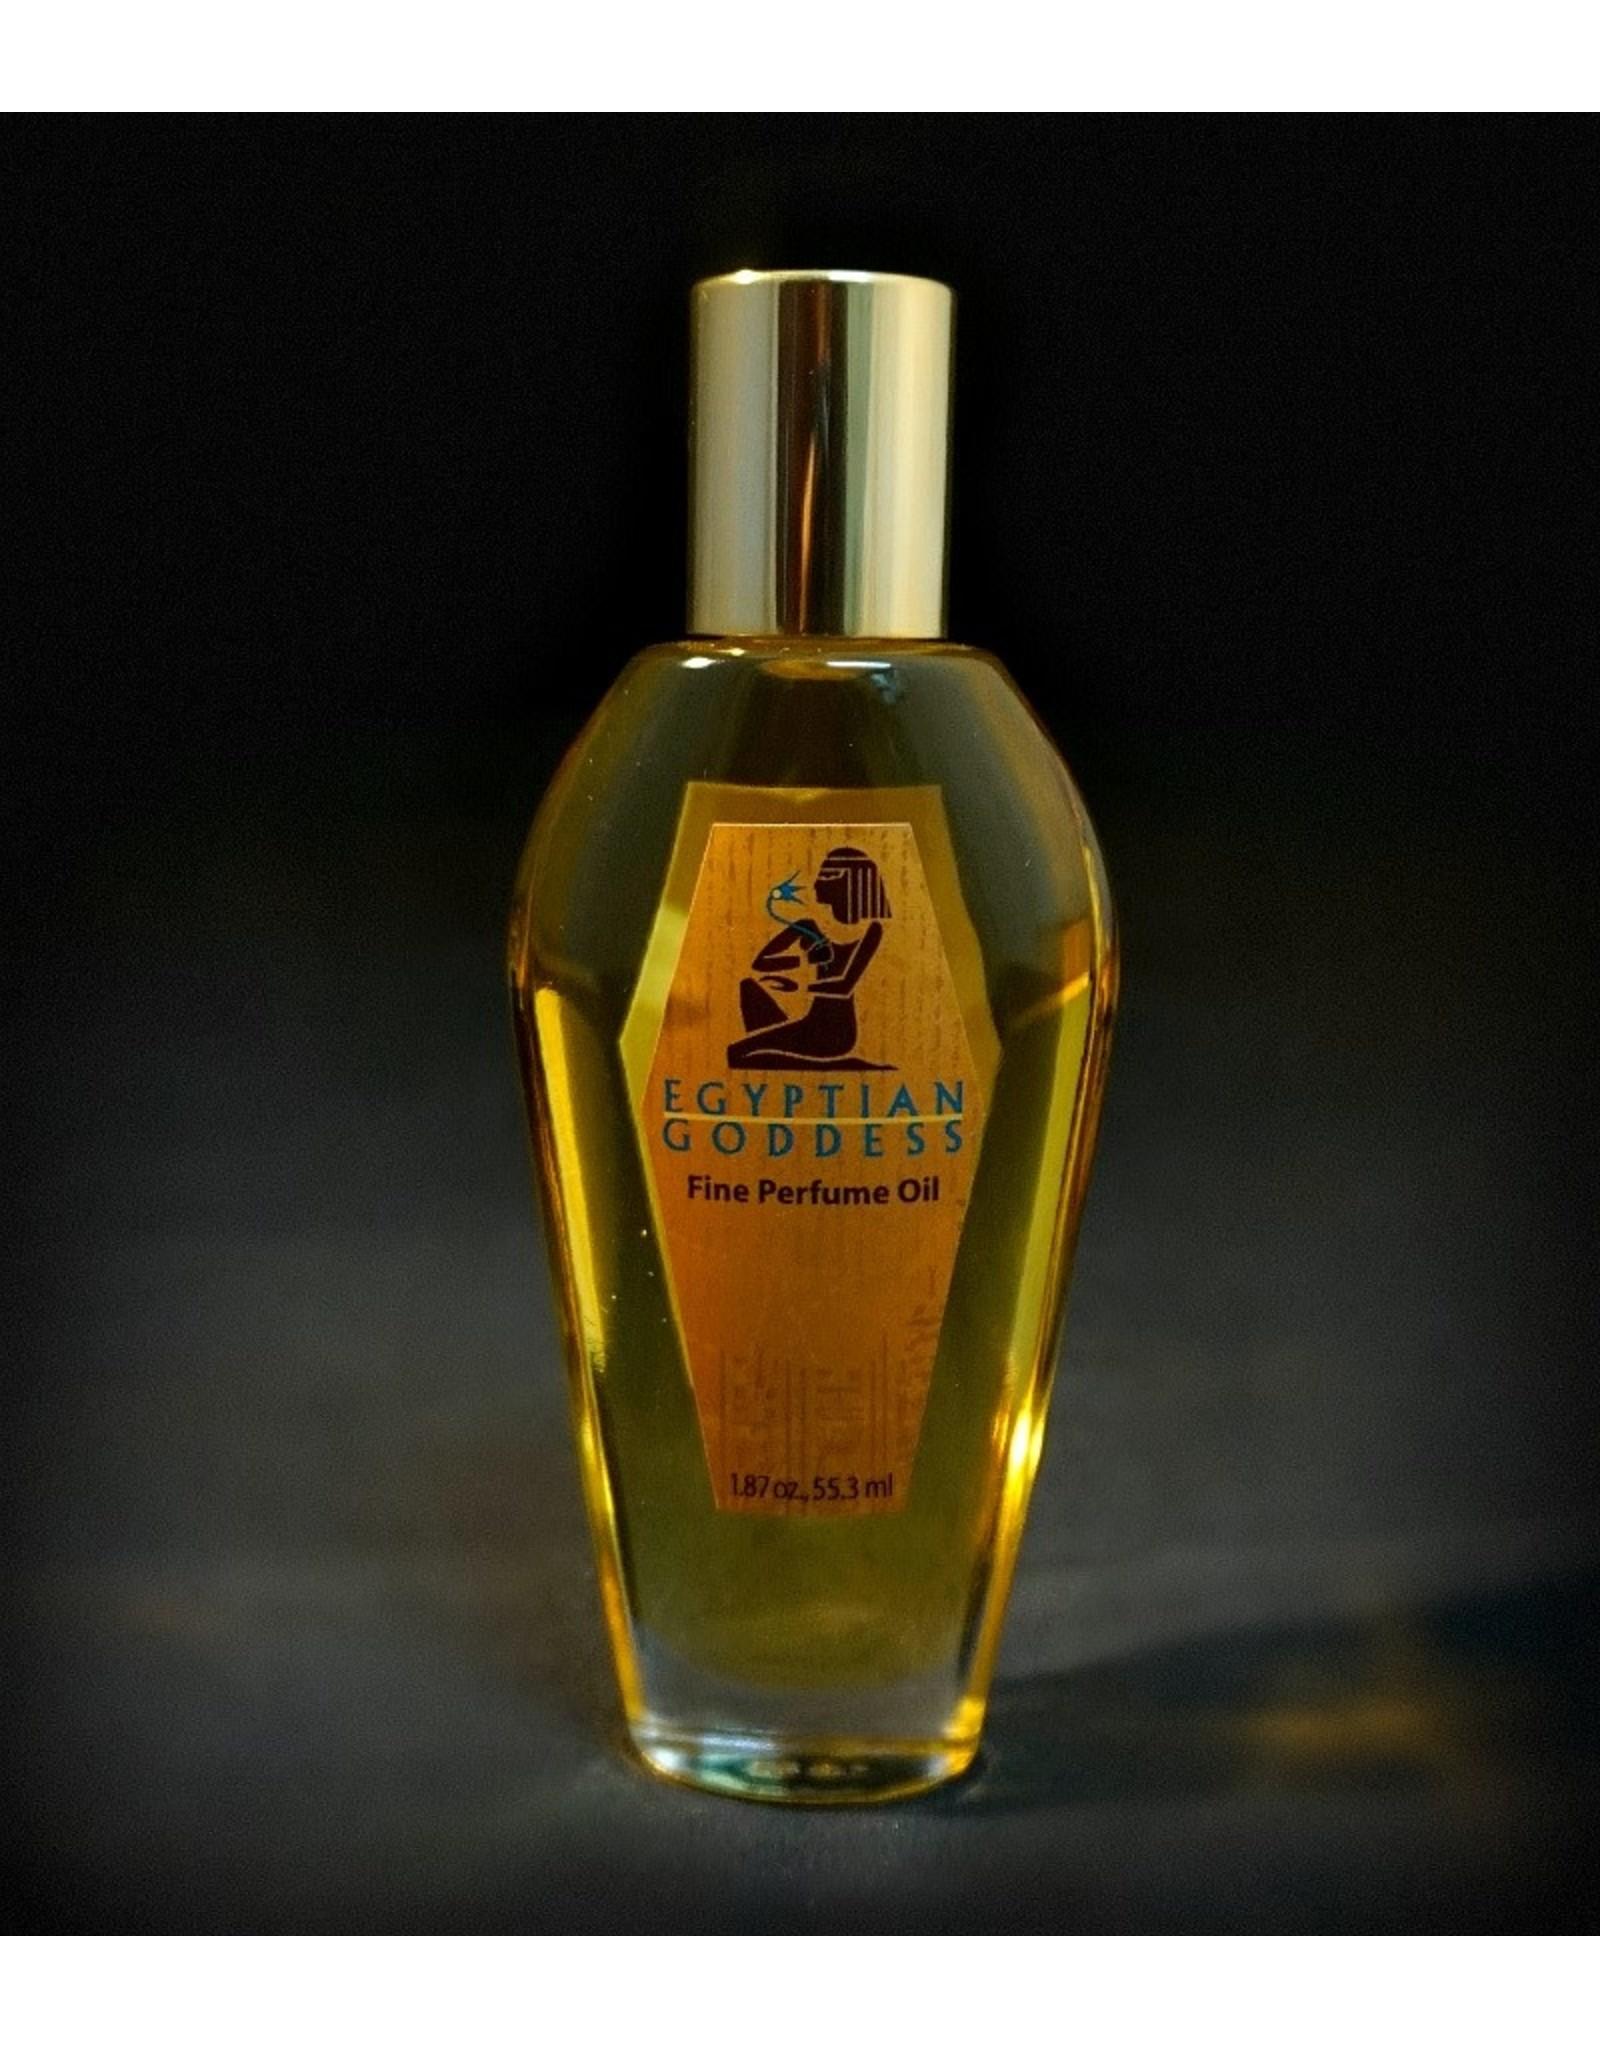 Auric Blends Egyptian Goddess Fine Perfume Oil 1.87oz